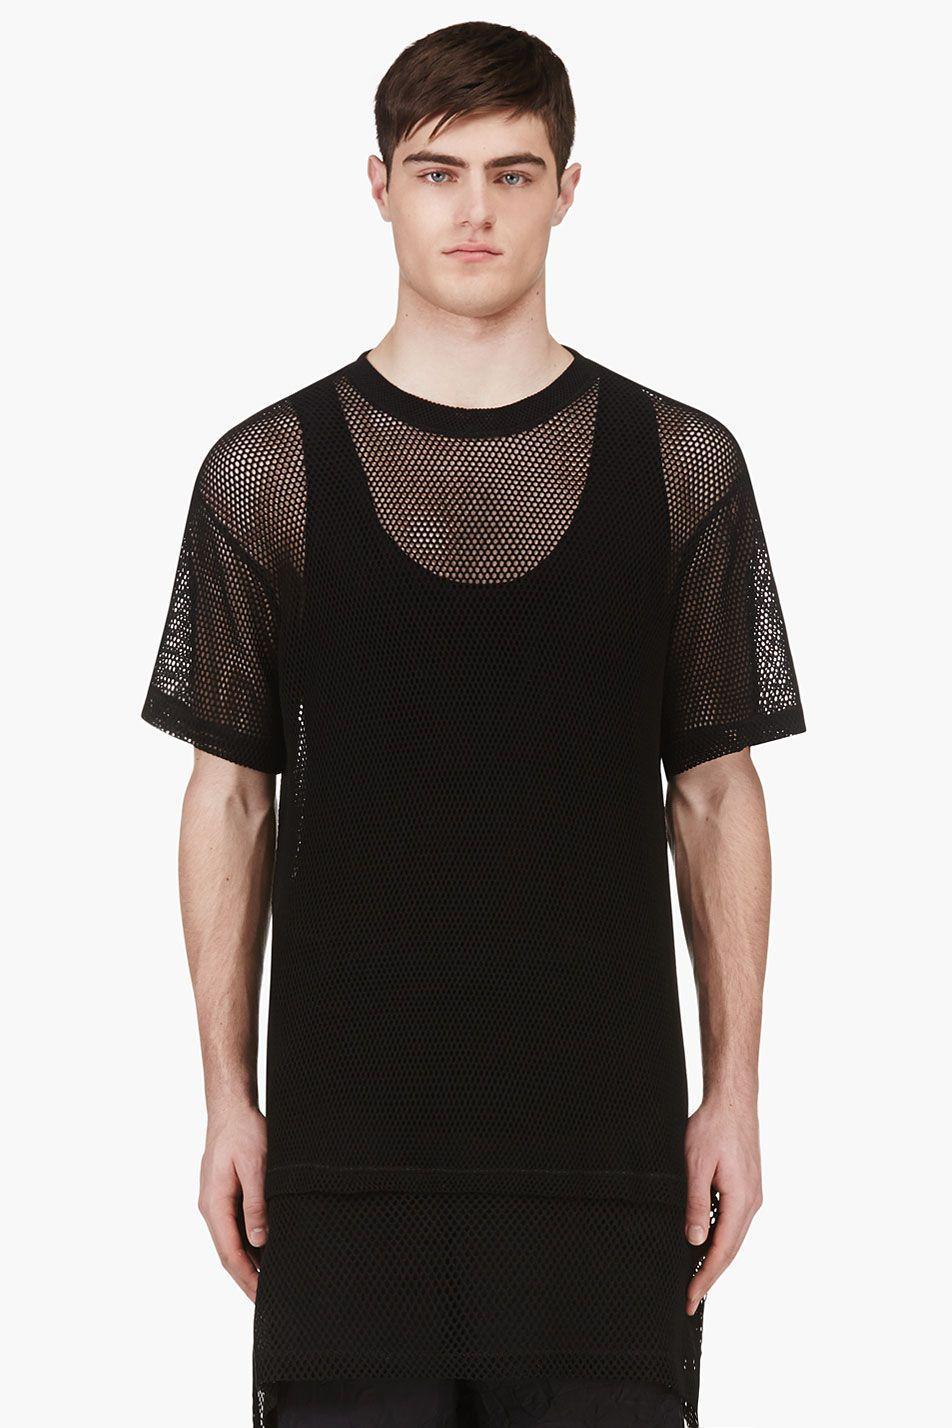 Ktz Black Oversized Mesh T Shirt For Men Ssense